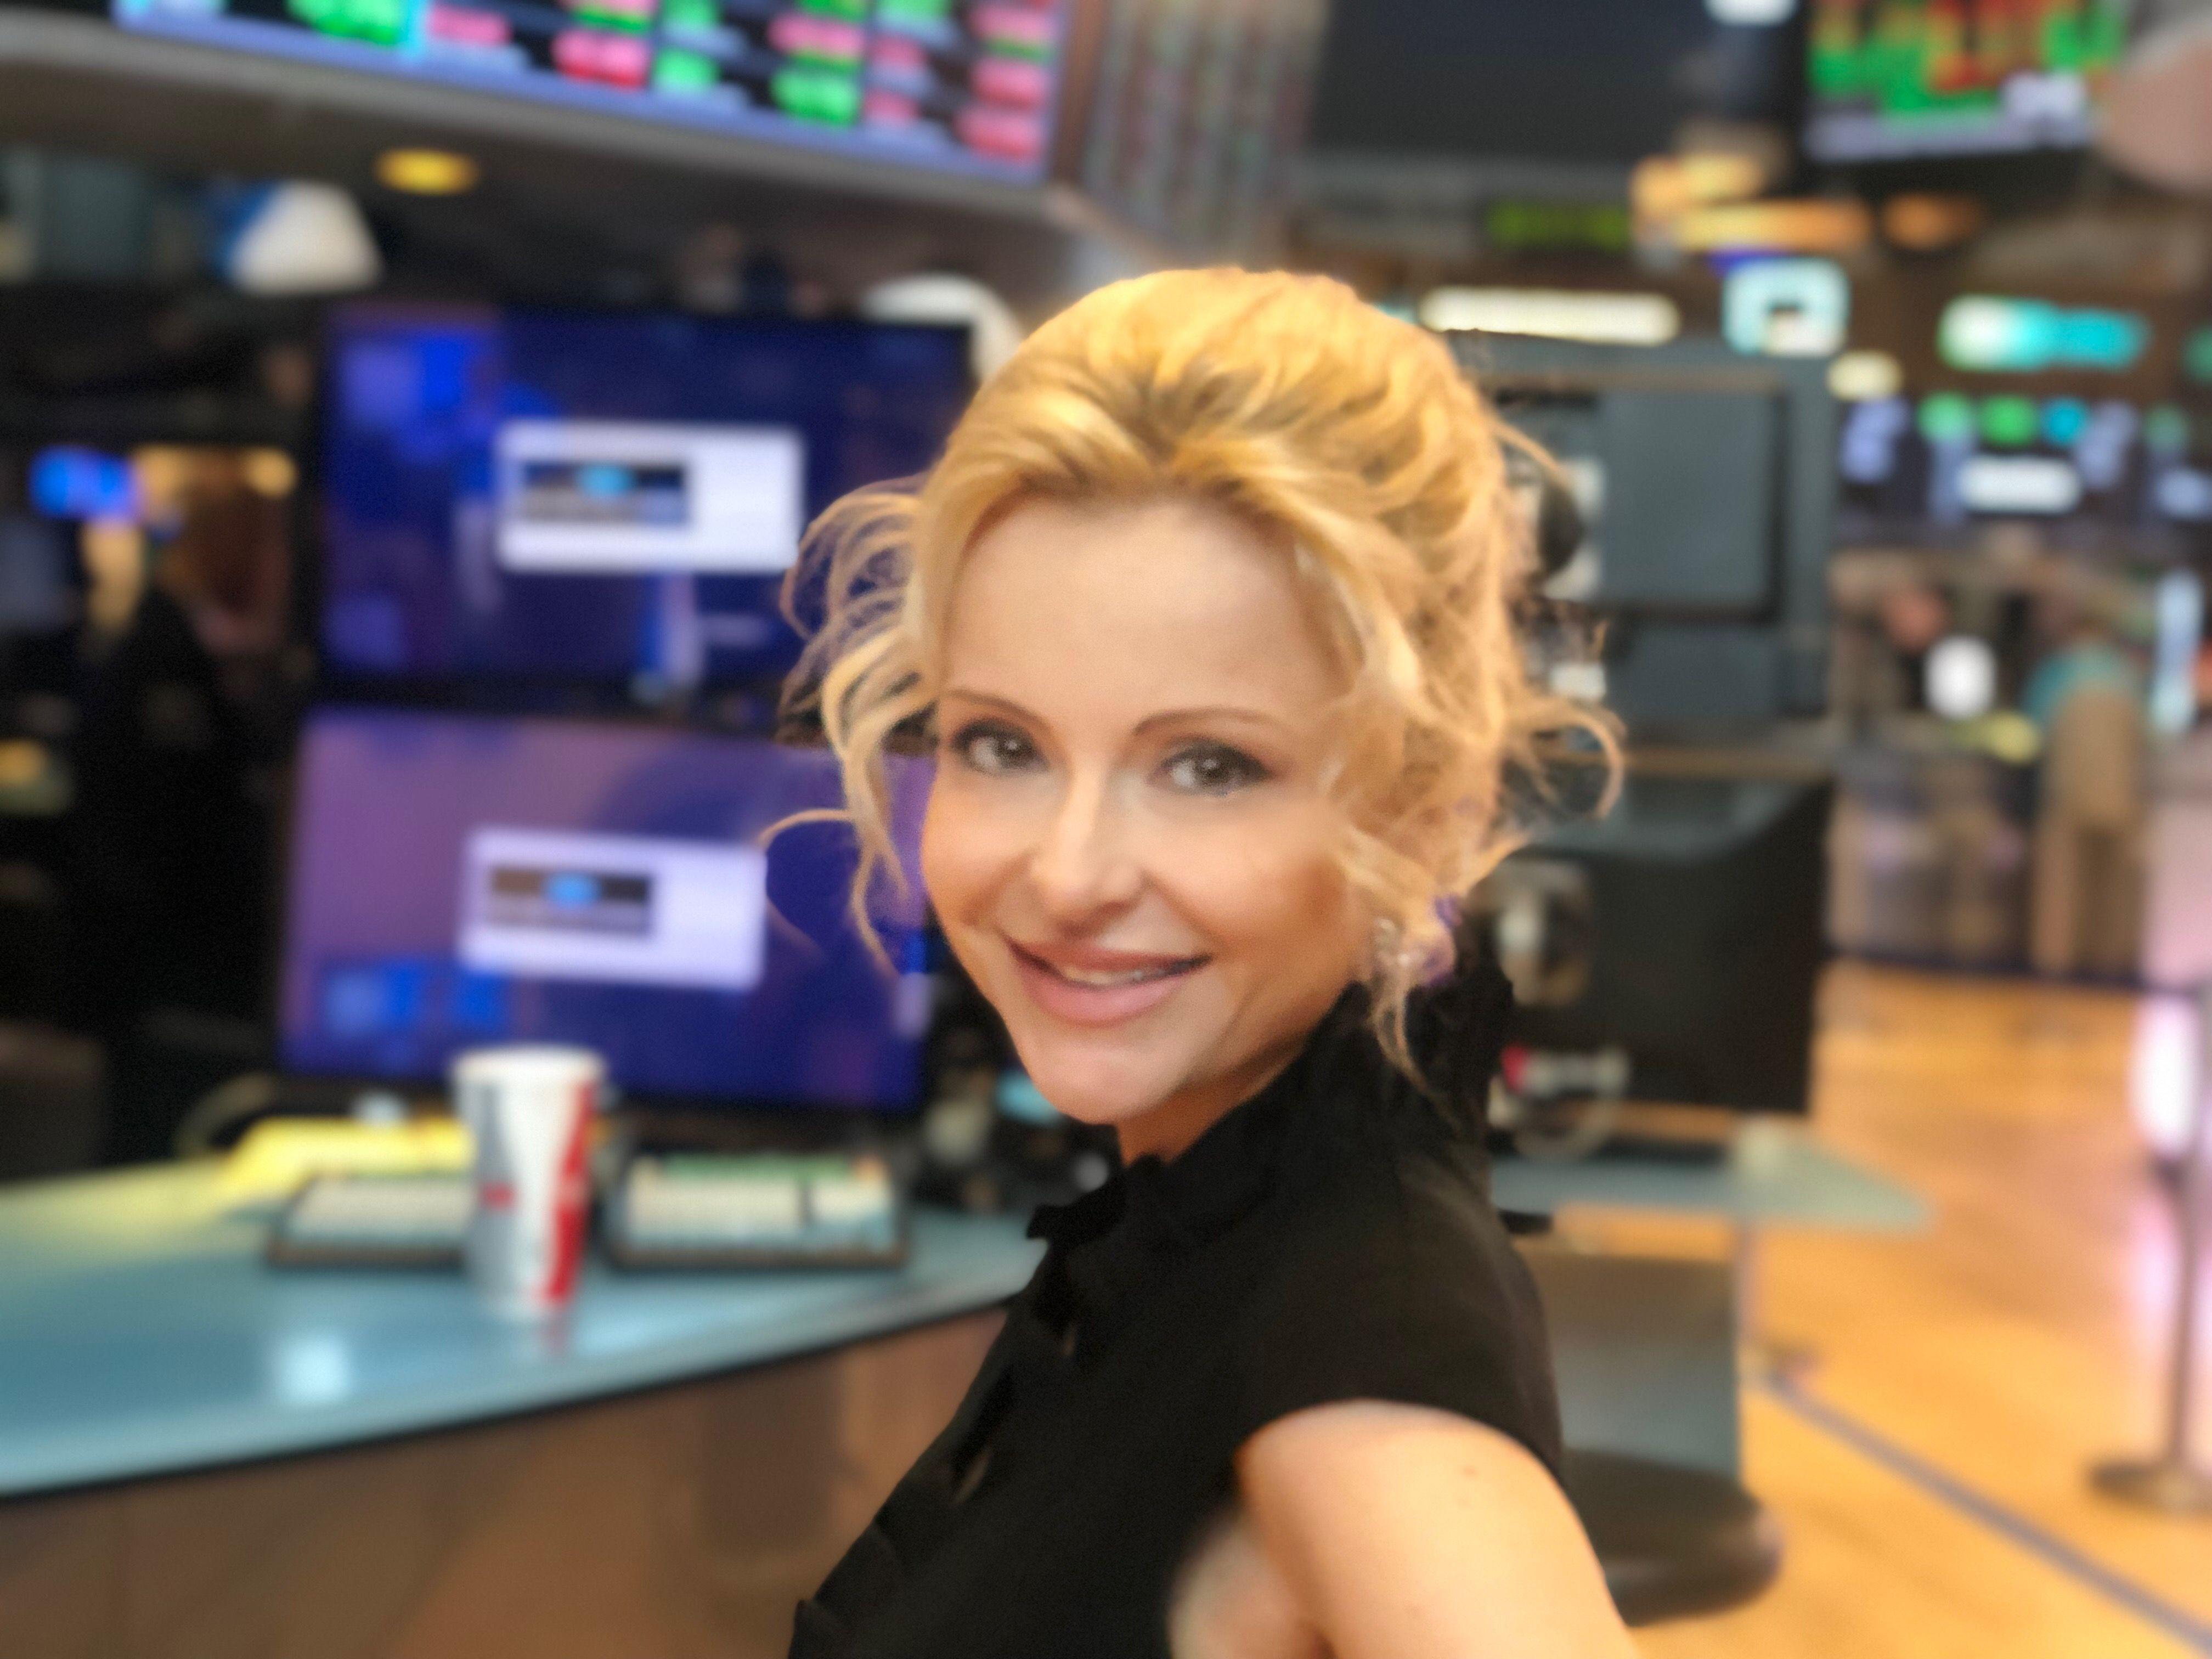 Nicht verpassen Mein ntv Teleboerse RTL NYSE